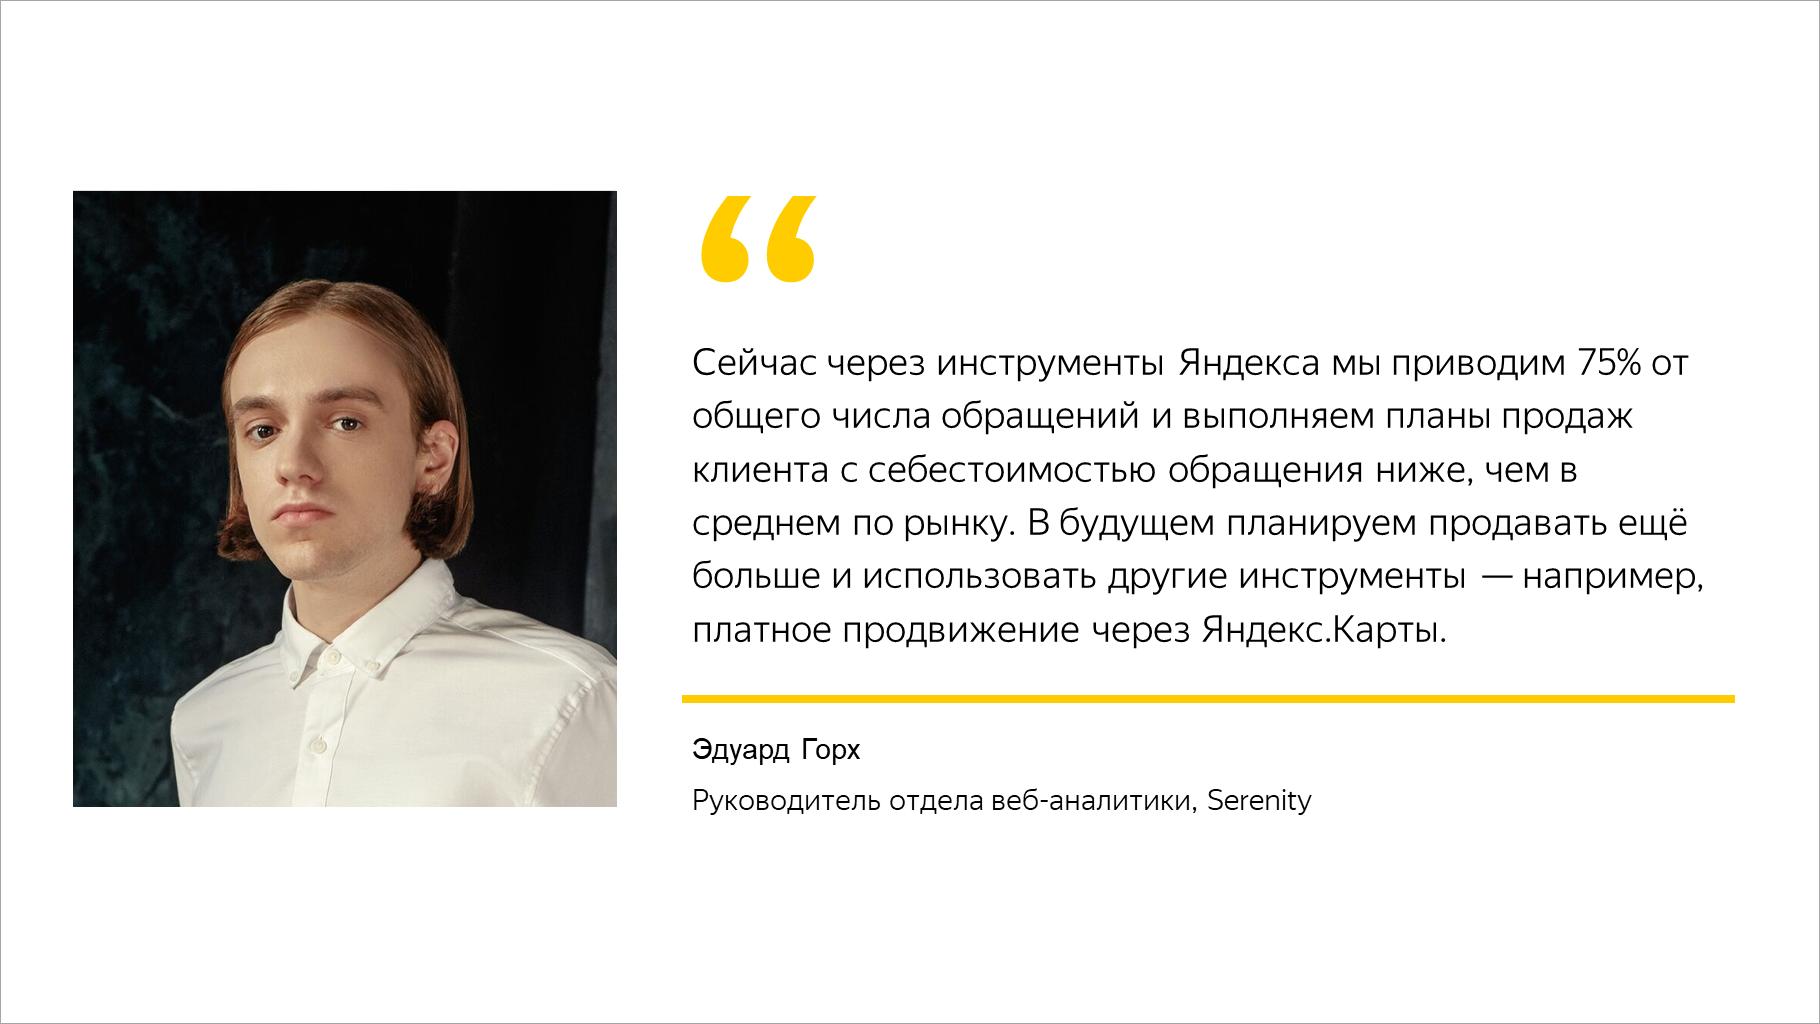 Сейчас через инструменты Яндекса мы приводим 75% от общего числа обращений